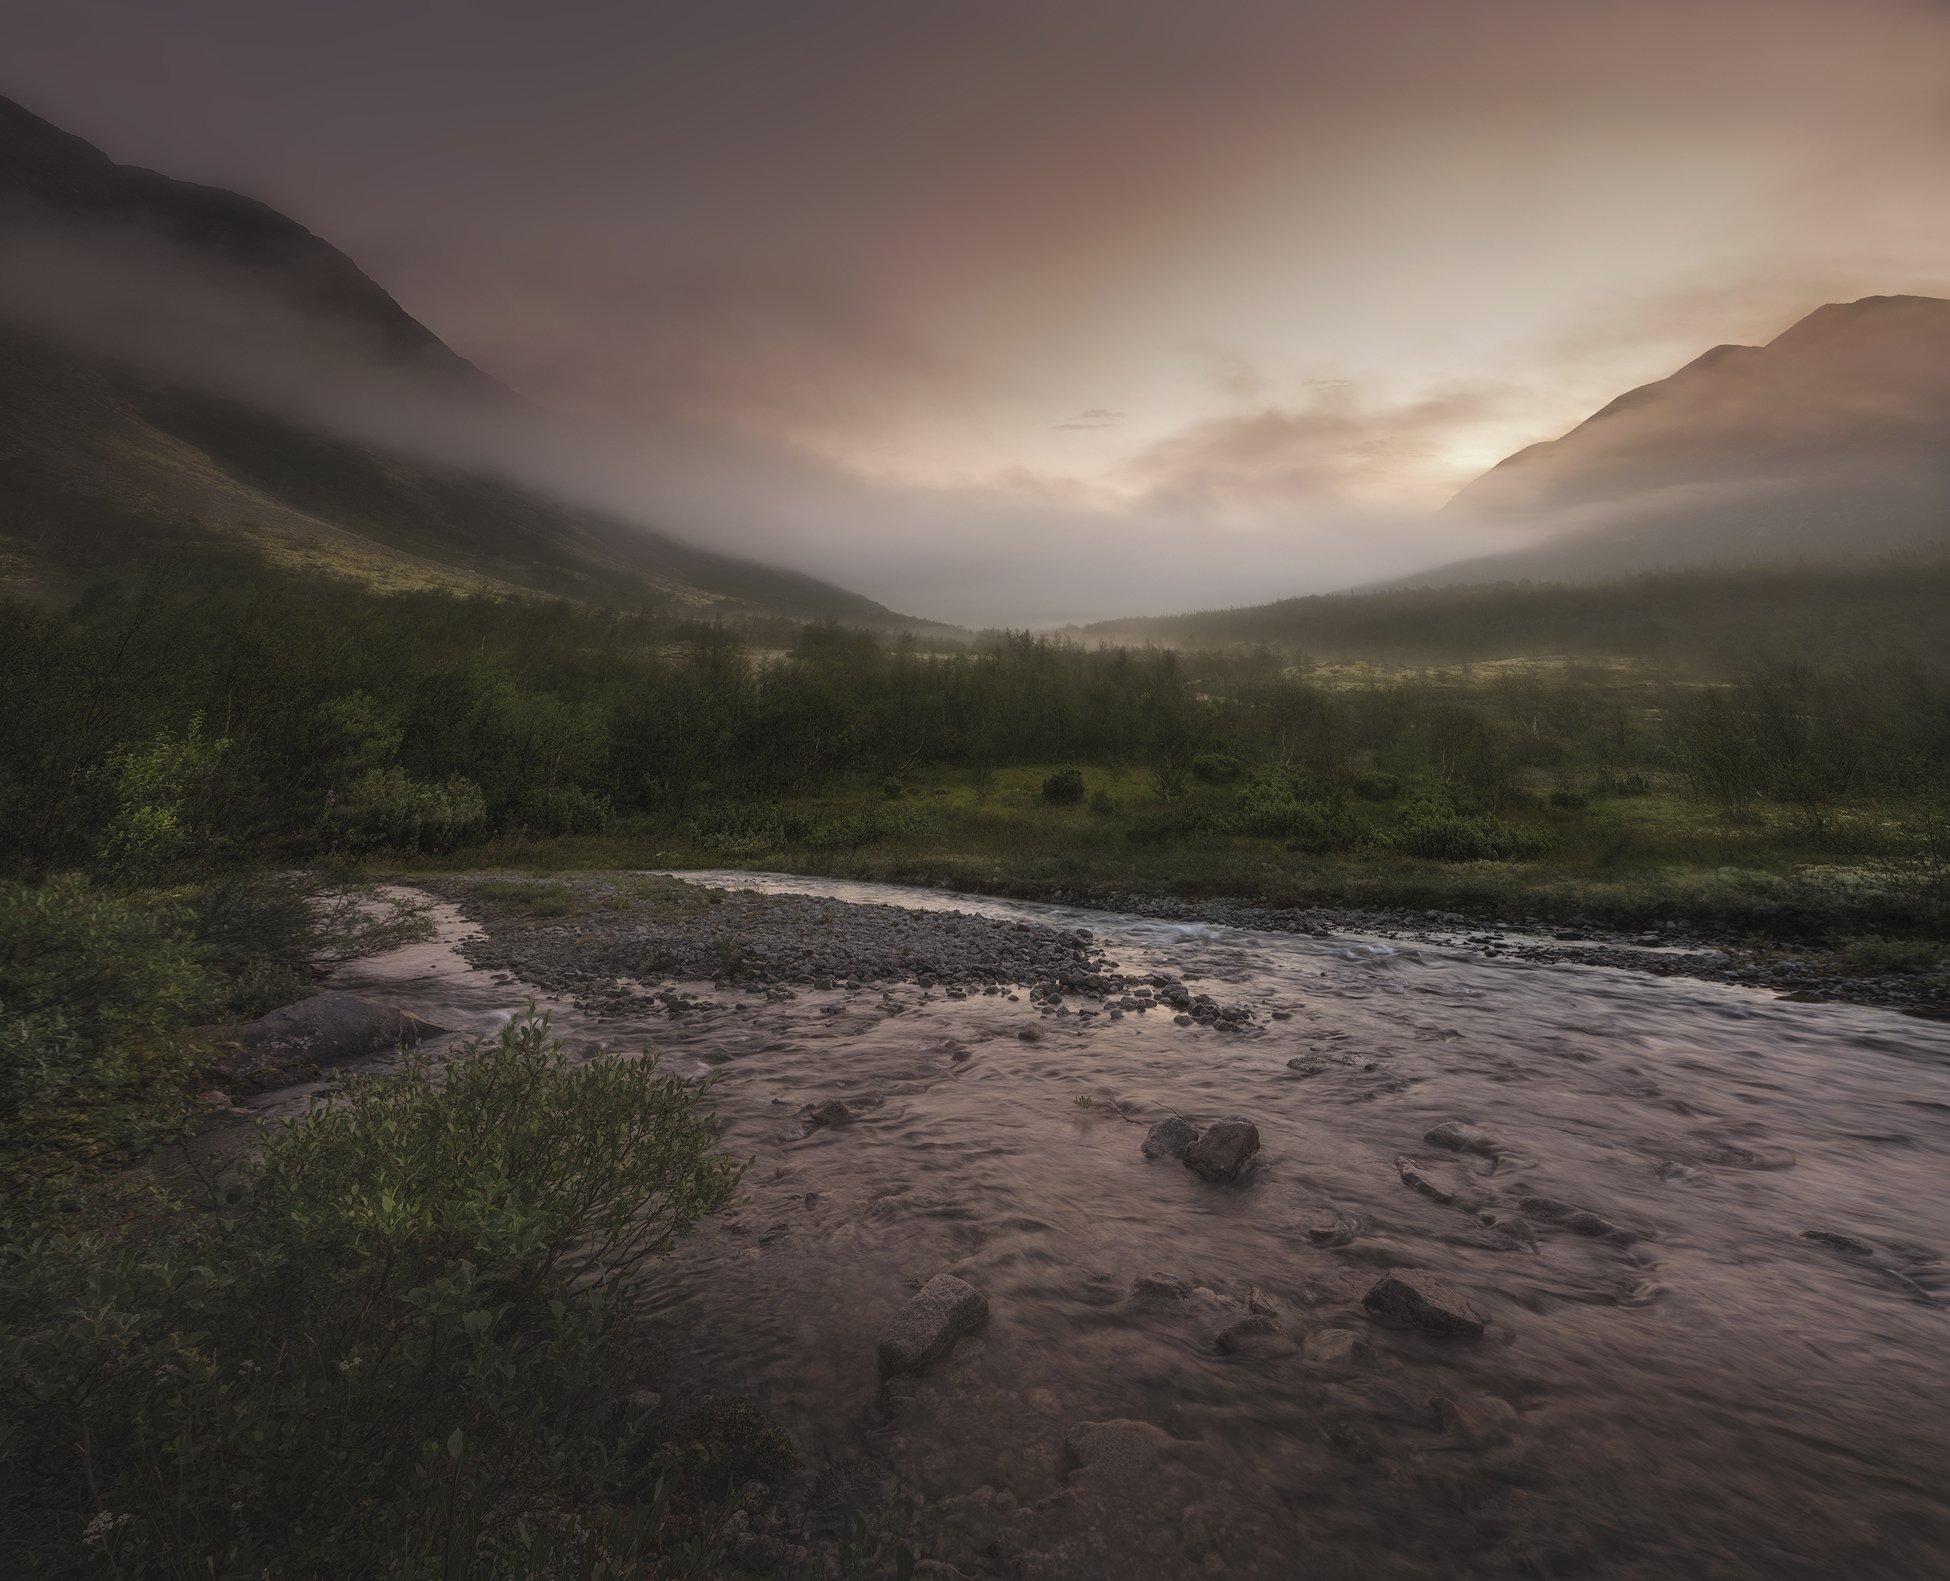 Хибины, Khibiny, North, Кольский Север, закат. северная природаКак хорошо , Анастасия Малых